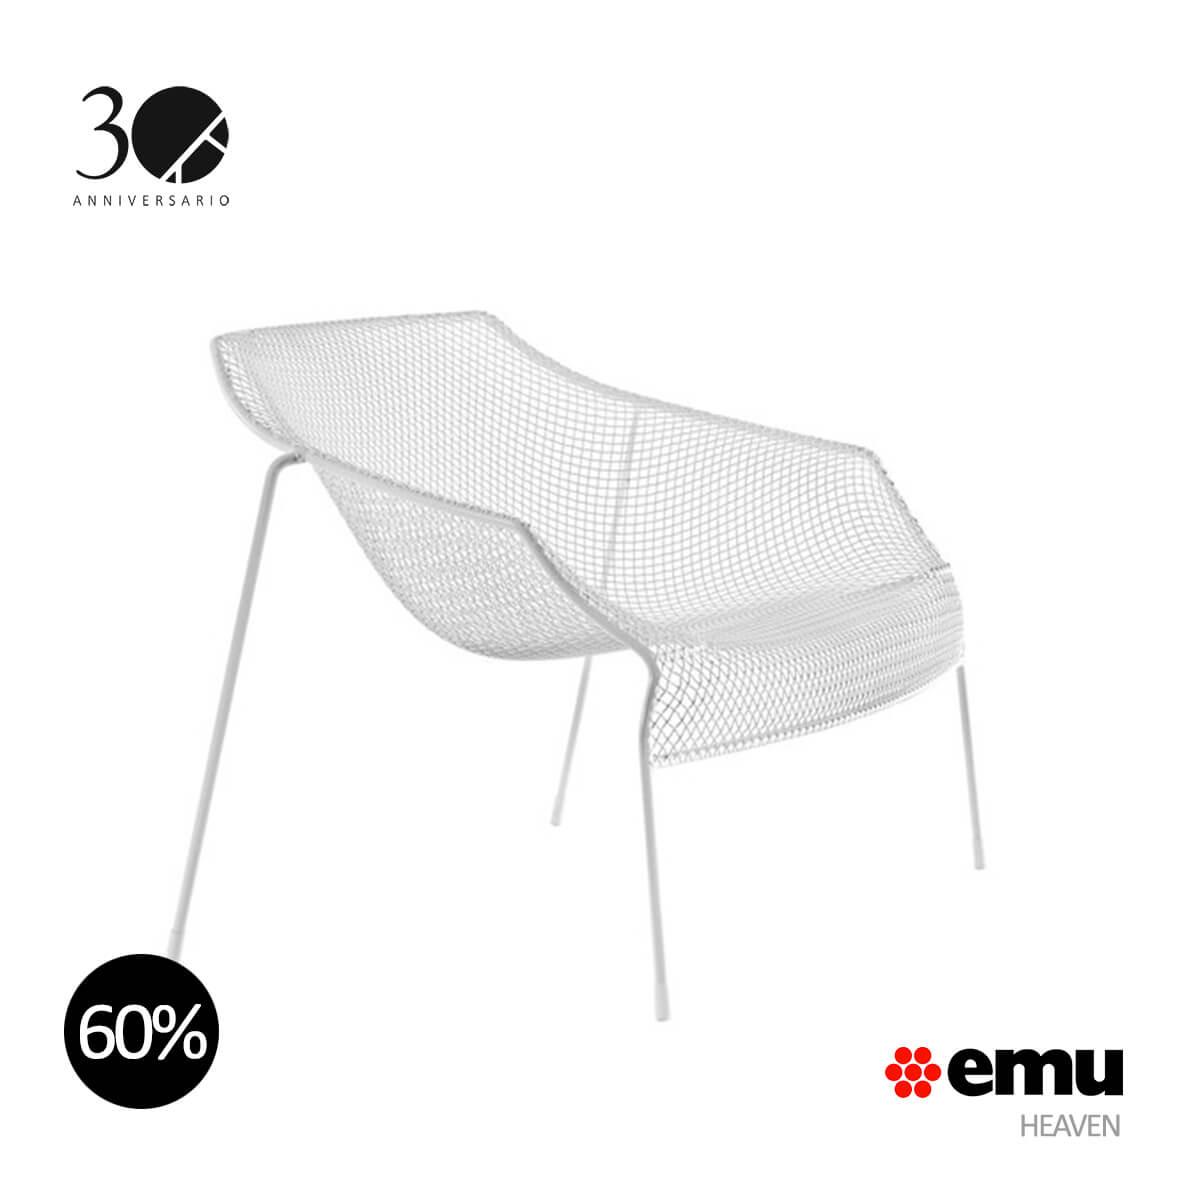 EMU - heaven 3